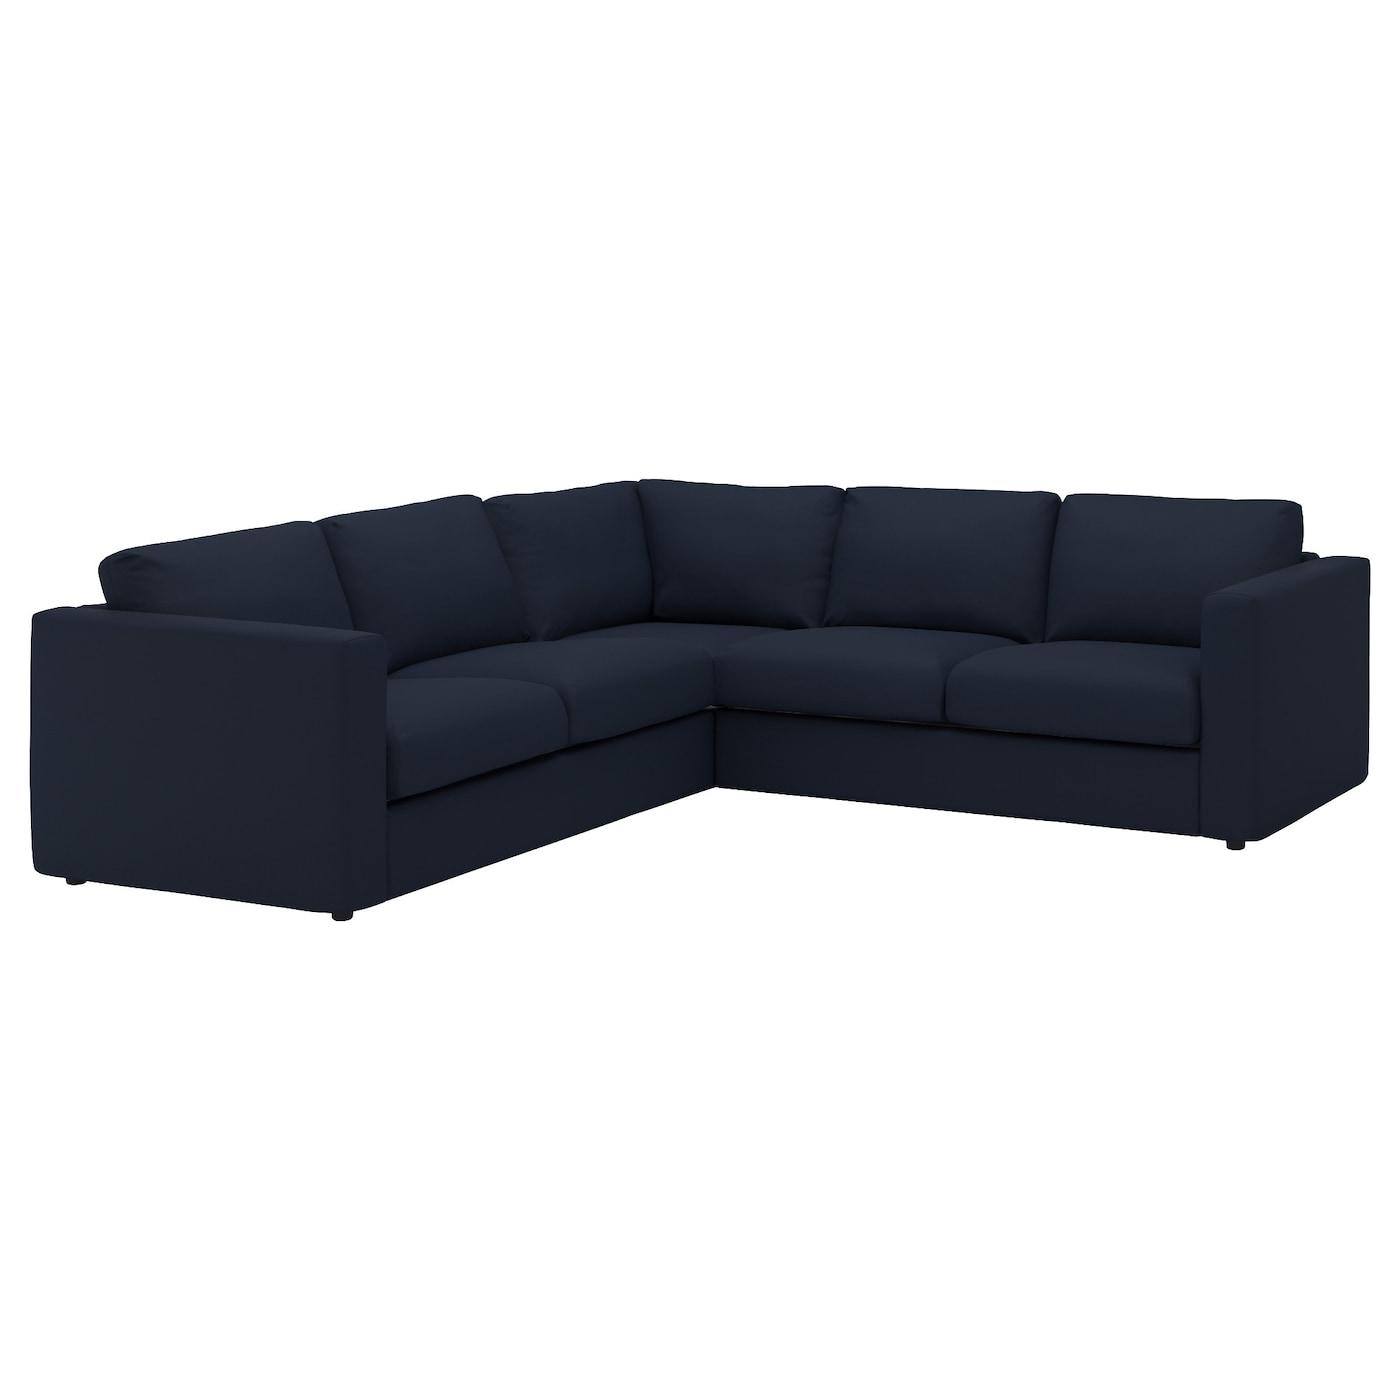 Ikea Vimle Cover For Corner Sofa 4 Seat